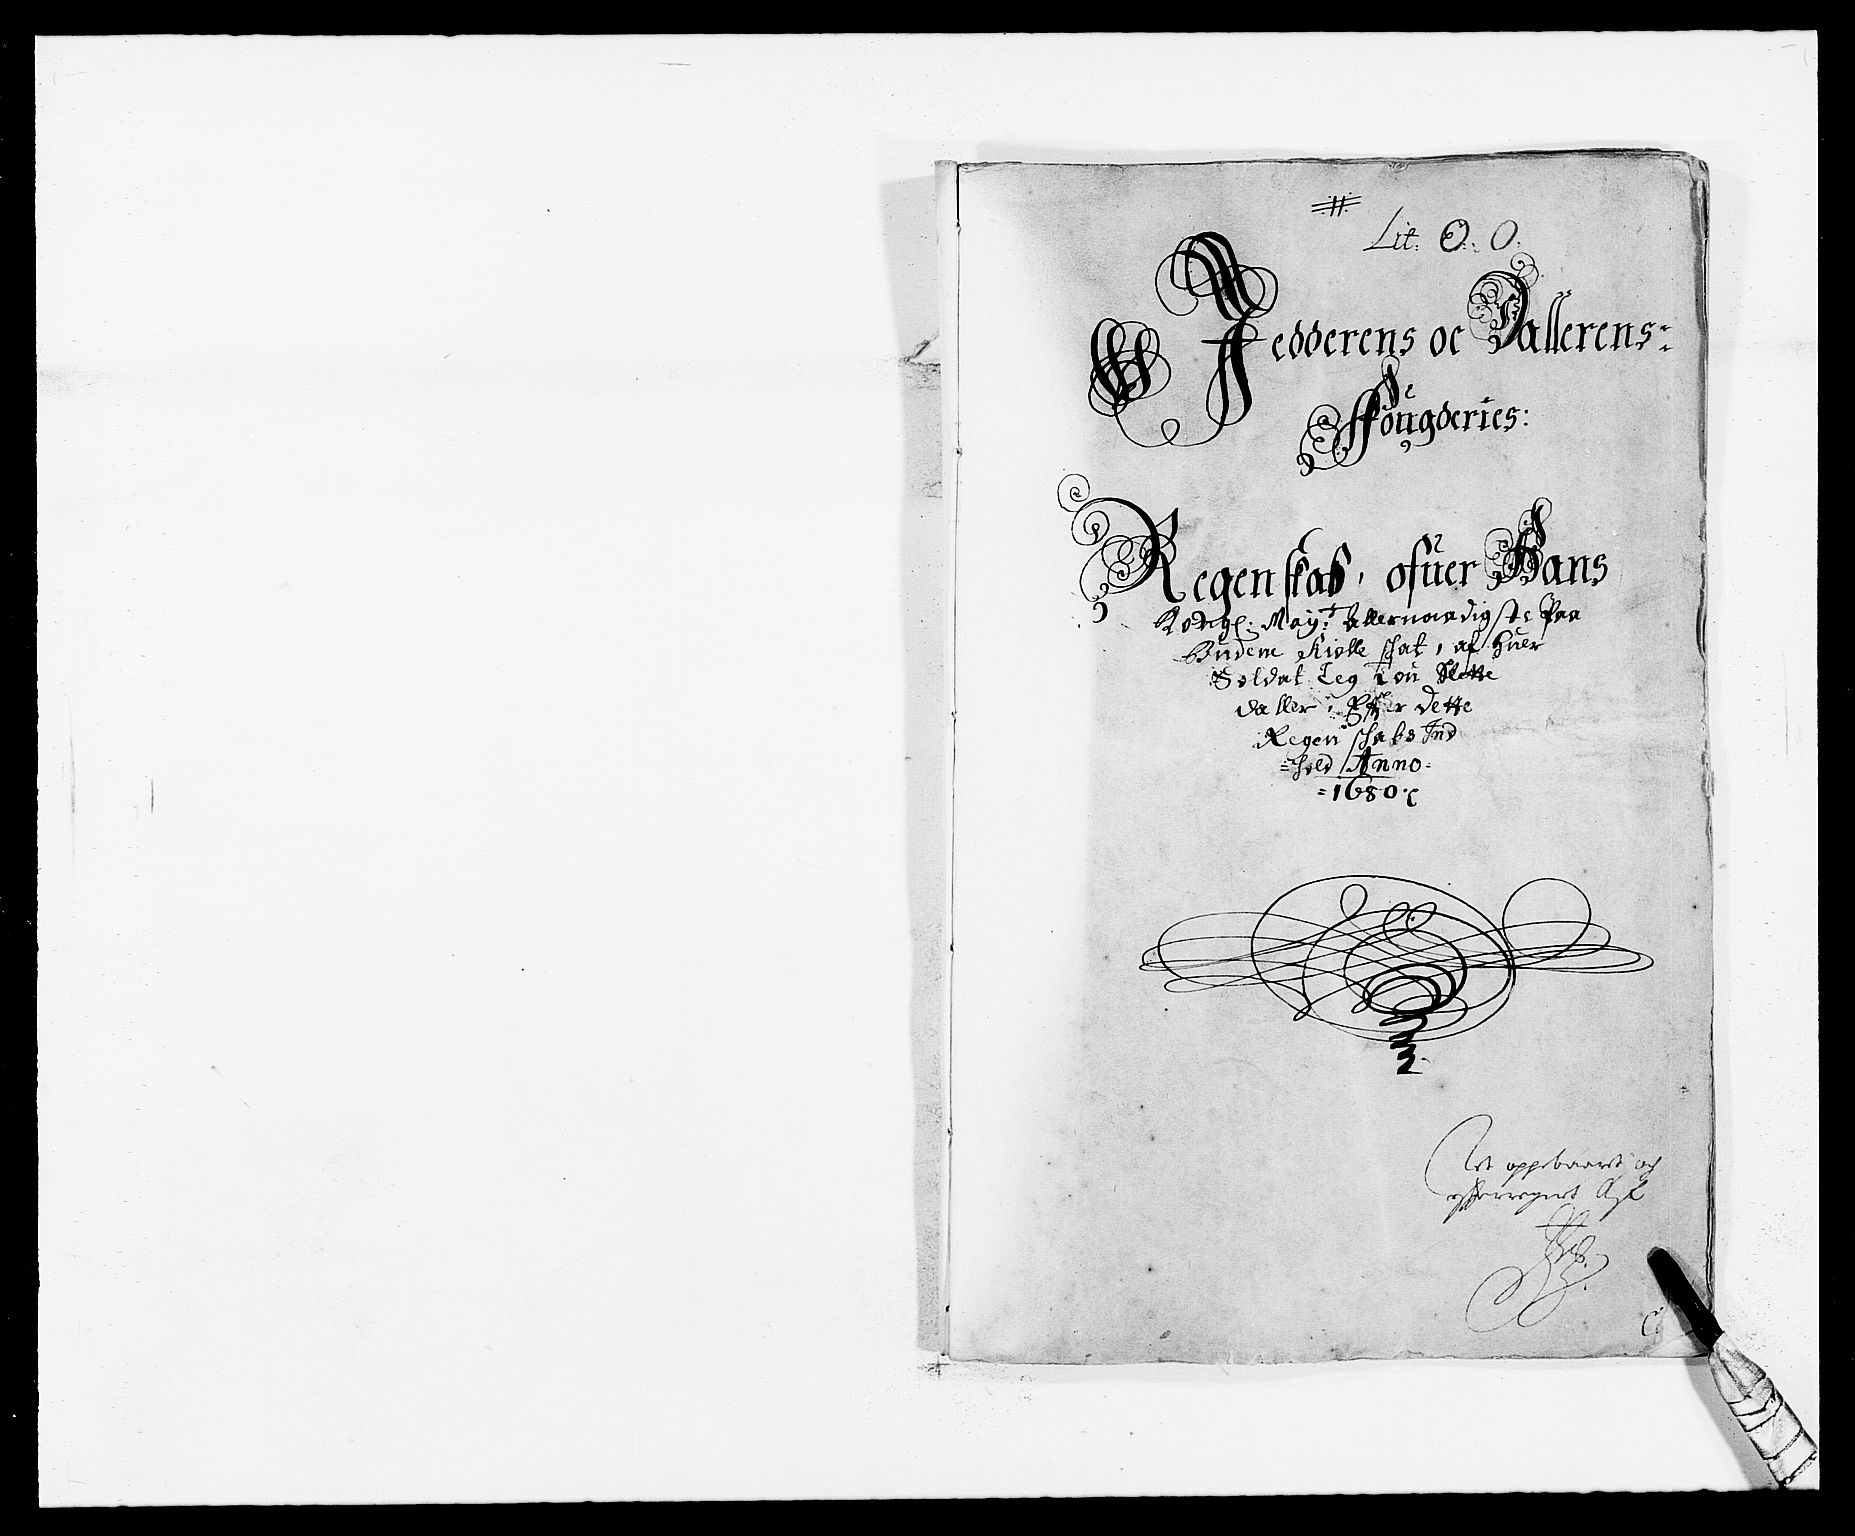 RA, Rentekammeret inntil 1814, Reviderte regnskaper, Fogderegnskap, R46/L2721: Fogderegnskap Jæren og Dalane, 1680, s. 155